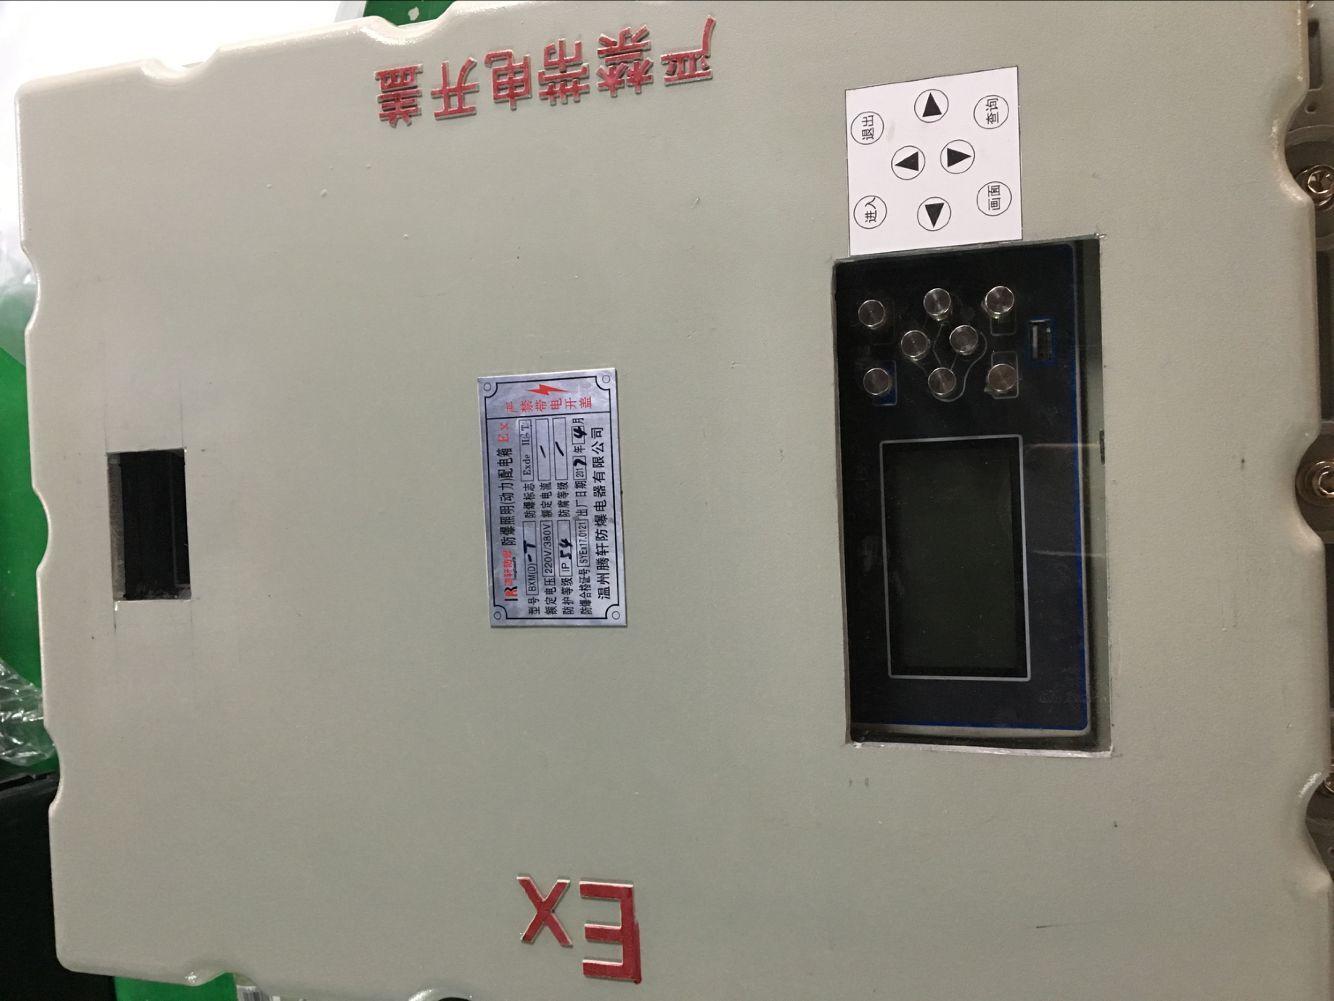 其它防爆电器 温州腾轩防爆电器有限公司 防爆配电箱 > 现场plc触摸屏